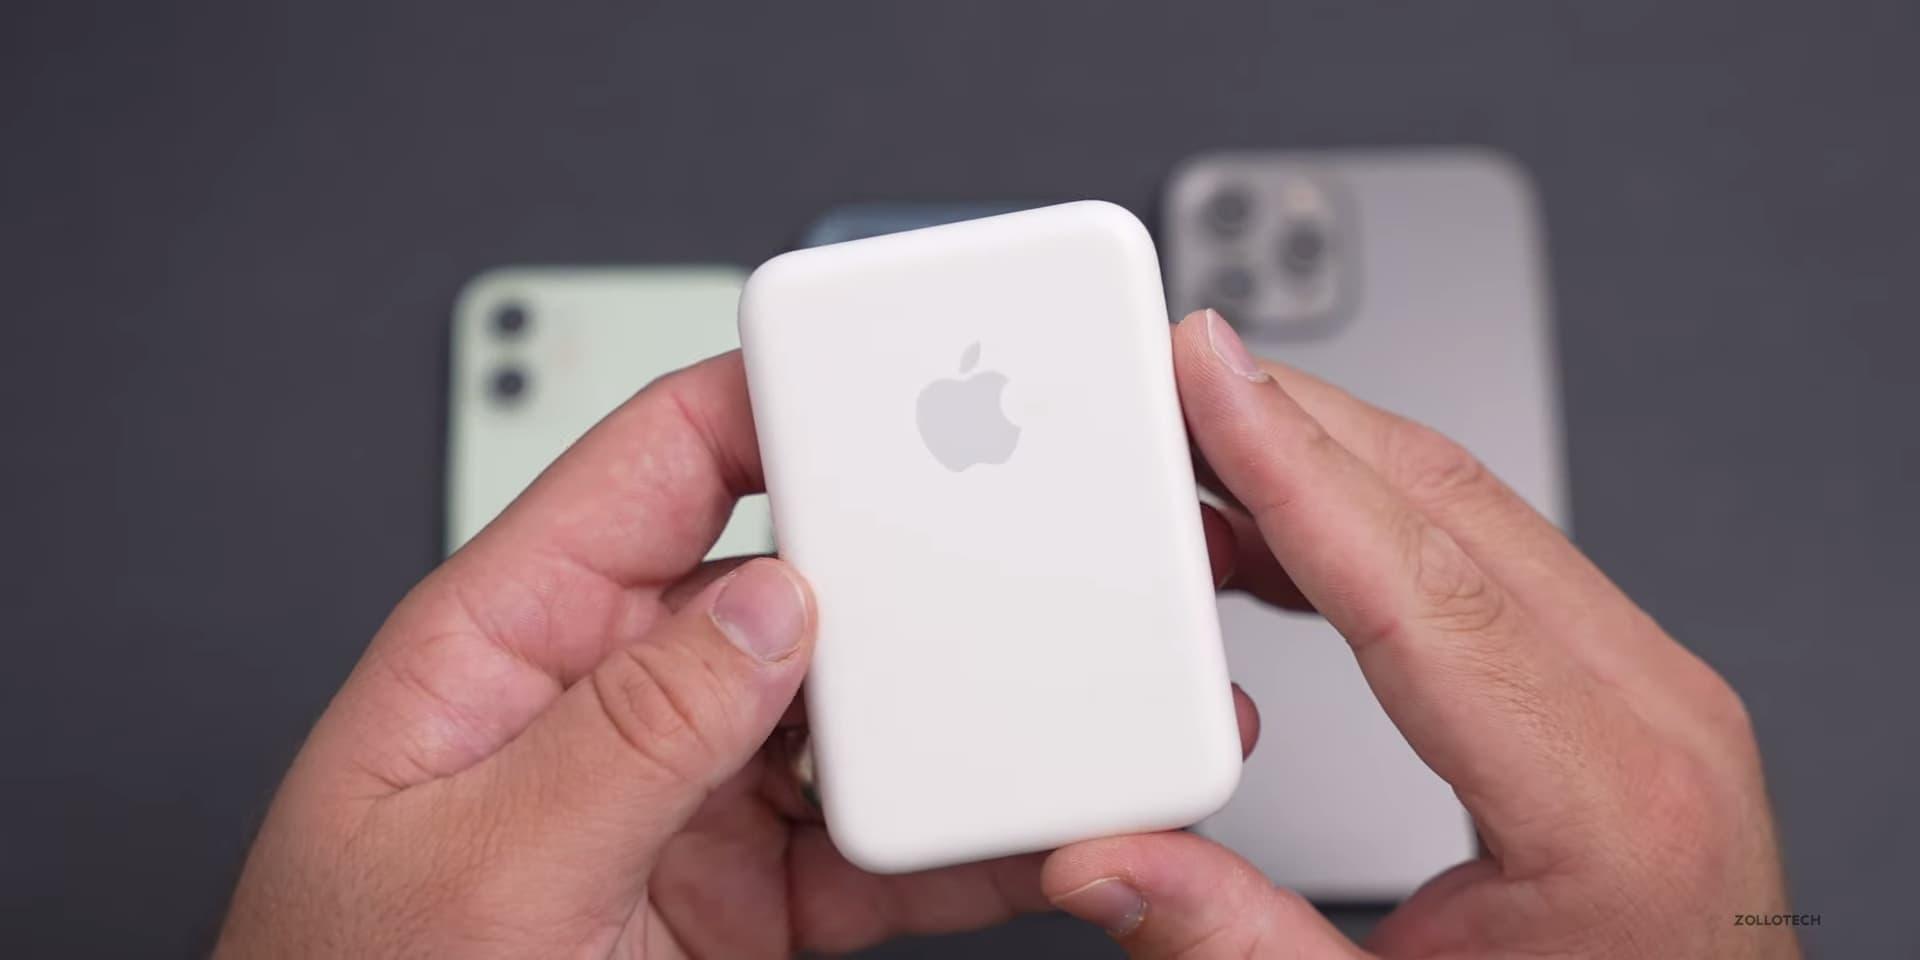 Apple MagSafe外接式電池開箱評測,最不值得入手配件產品